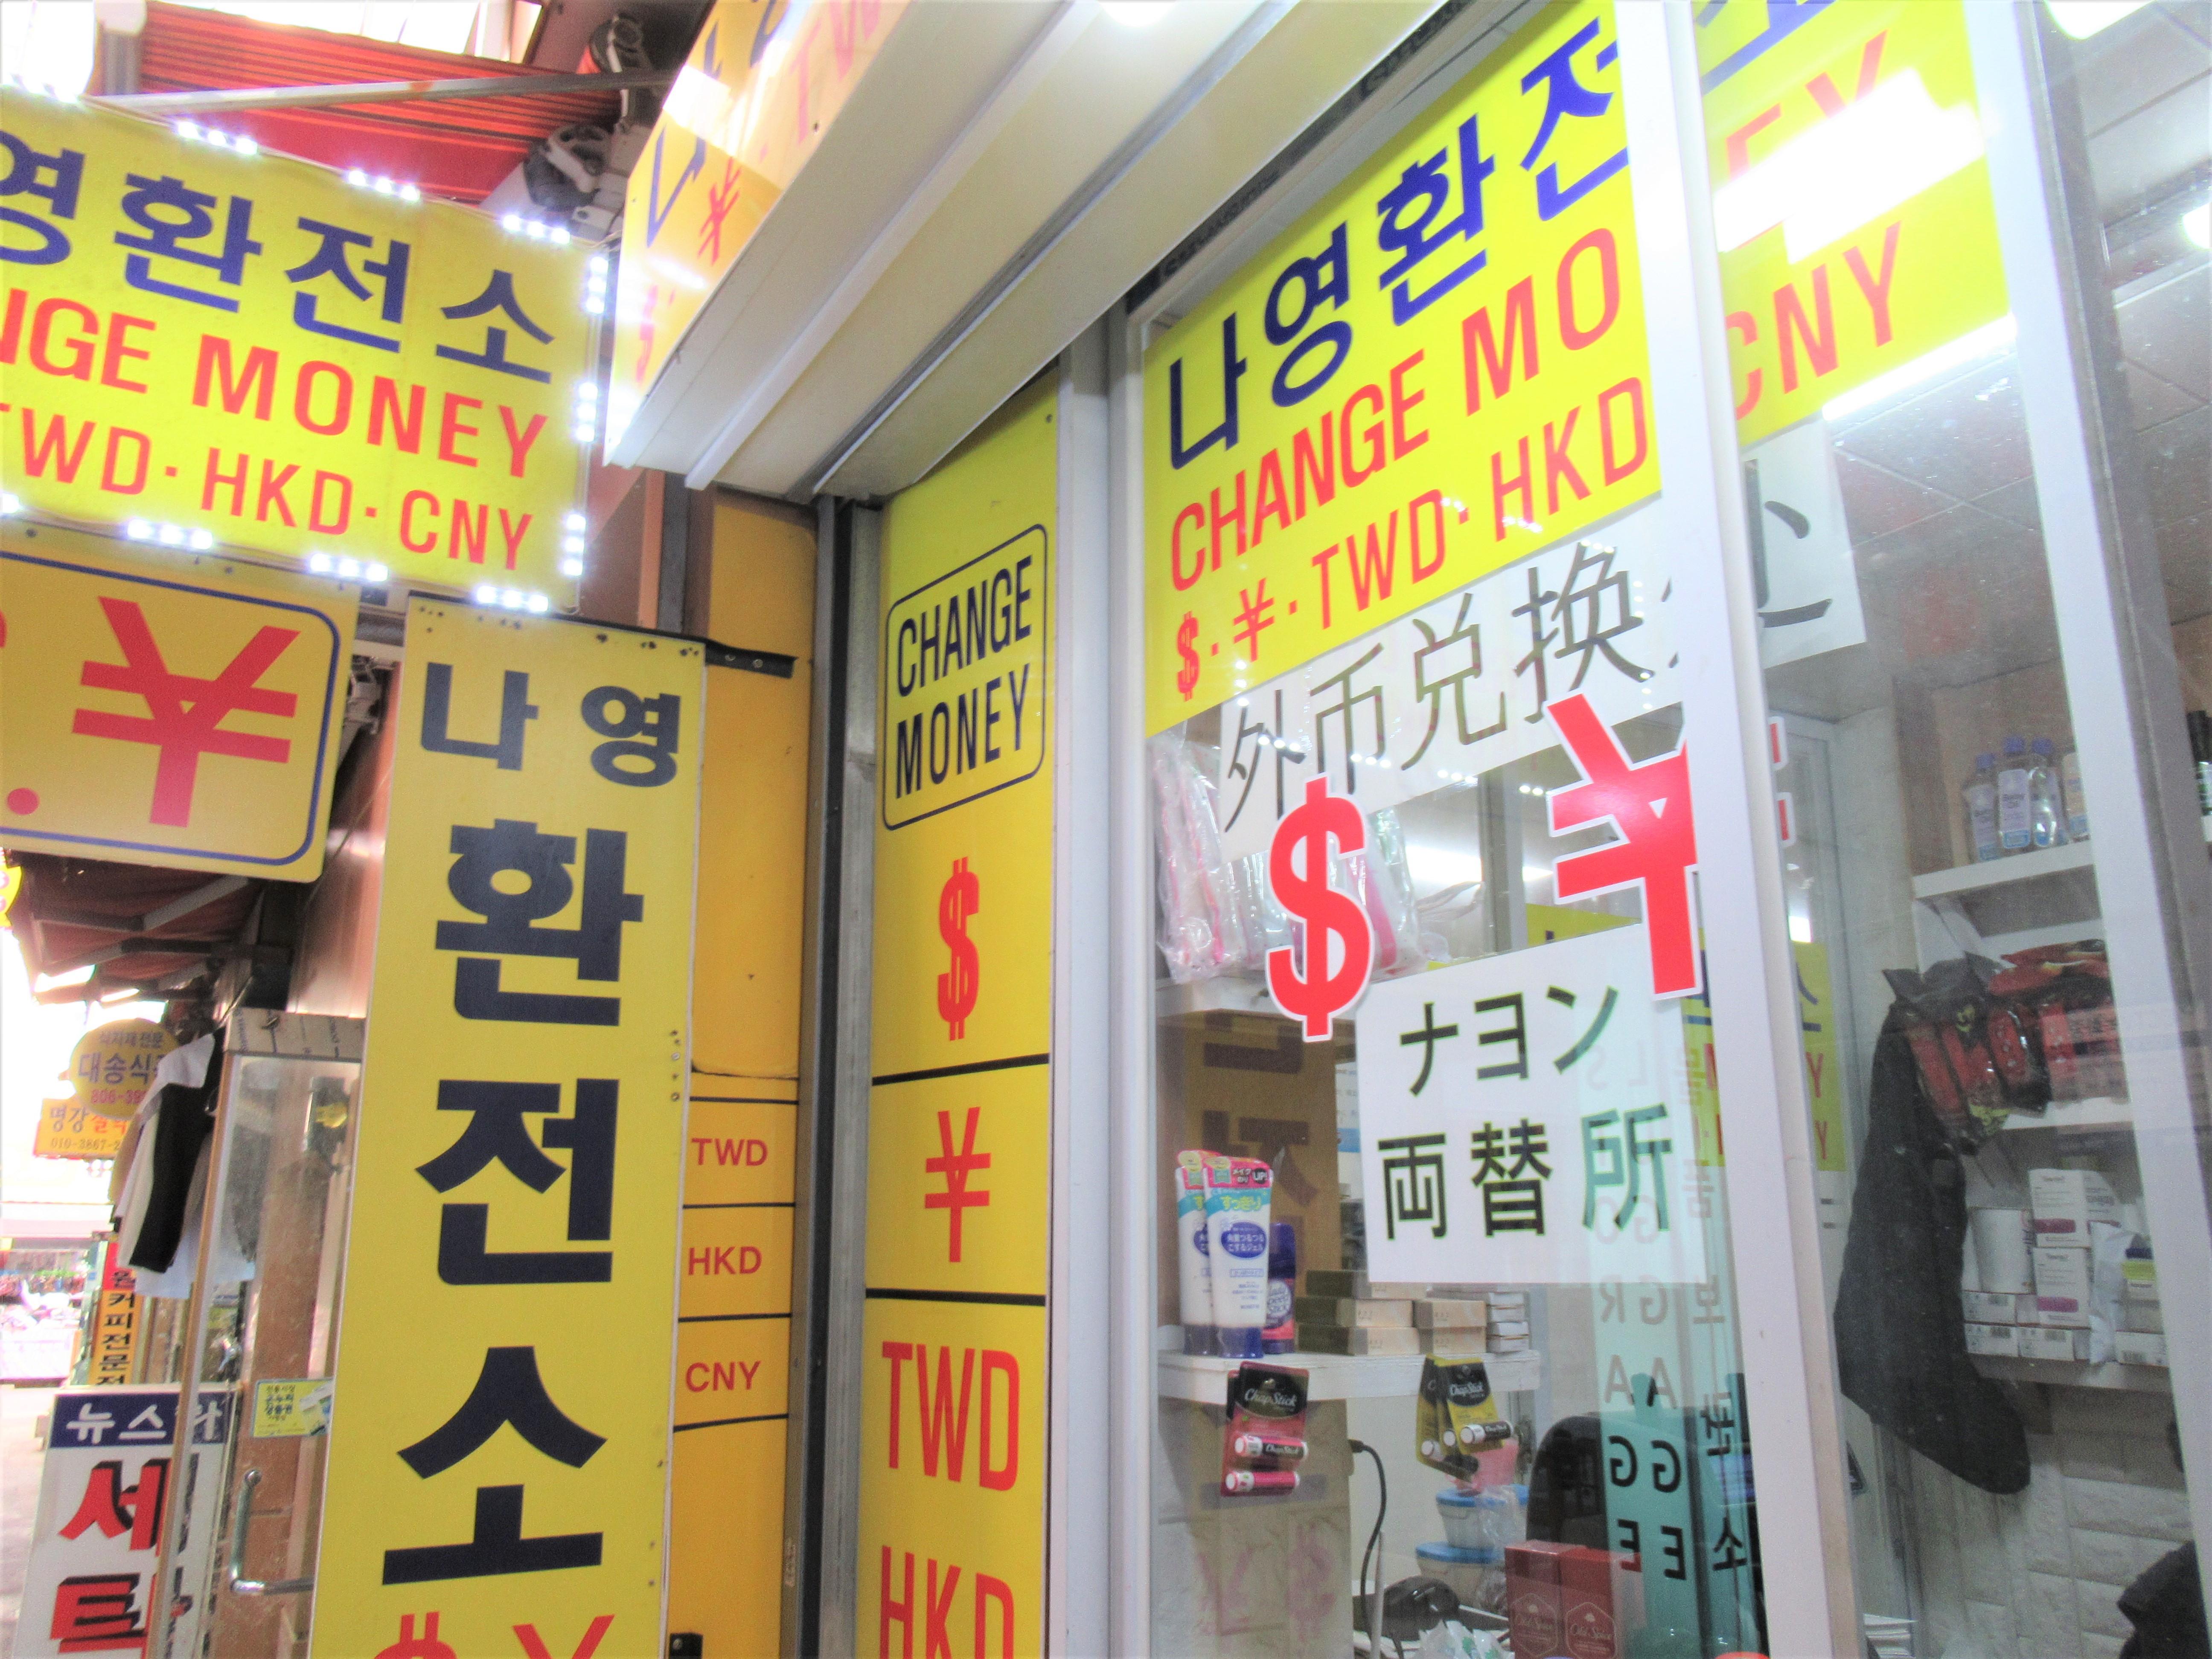 西面でオススメなレートの良い「ナヨン両替所」の場所と行き方☆韓国ブログ旅